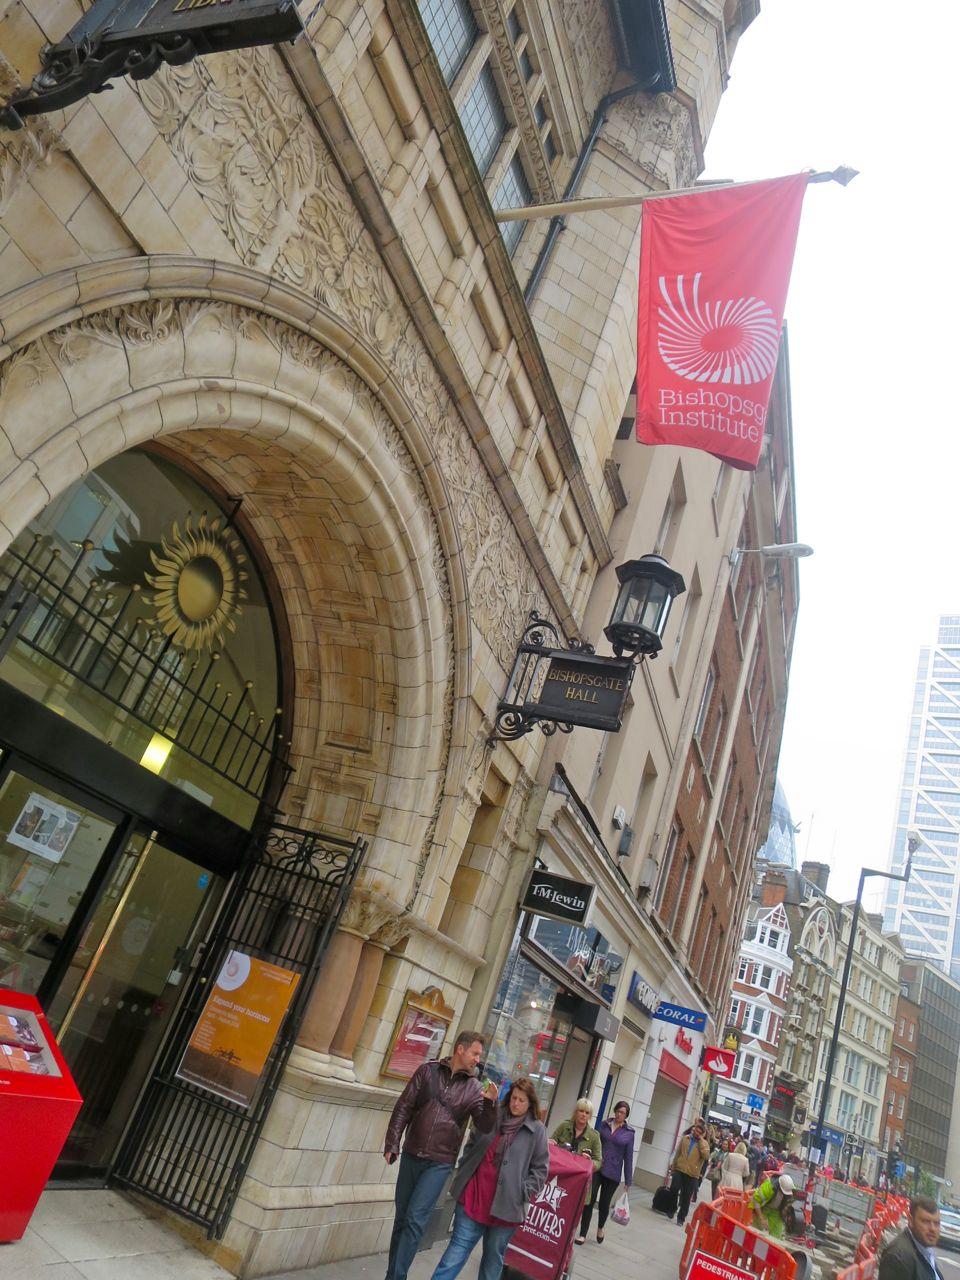 The Bishopsgate Institute.